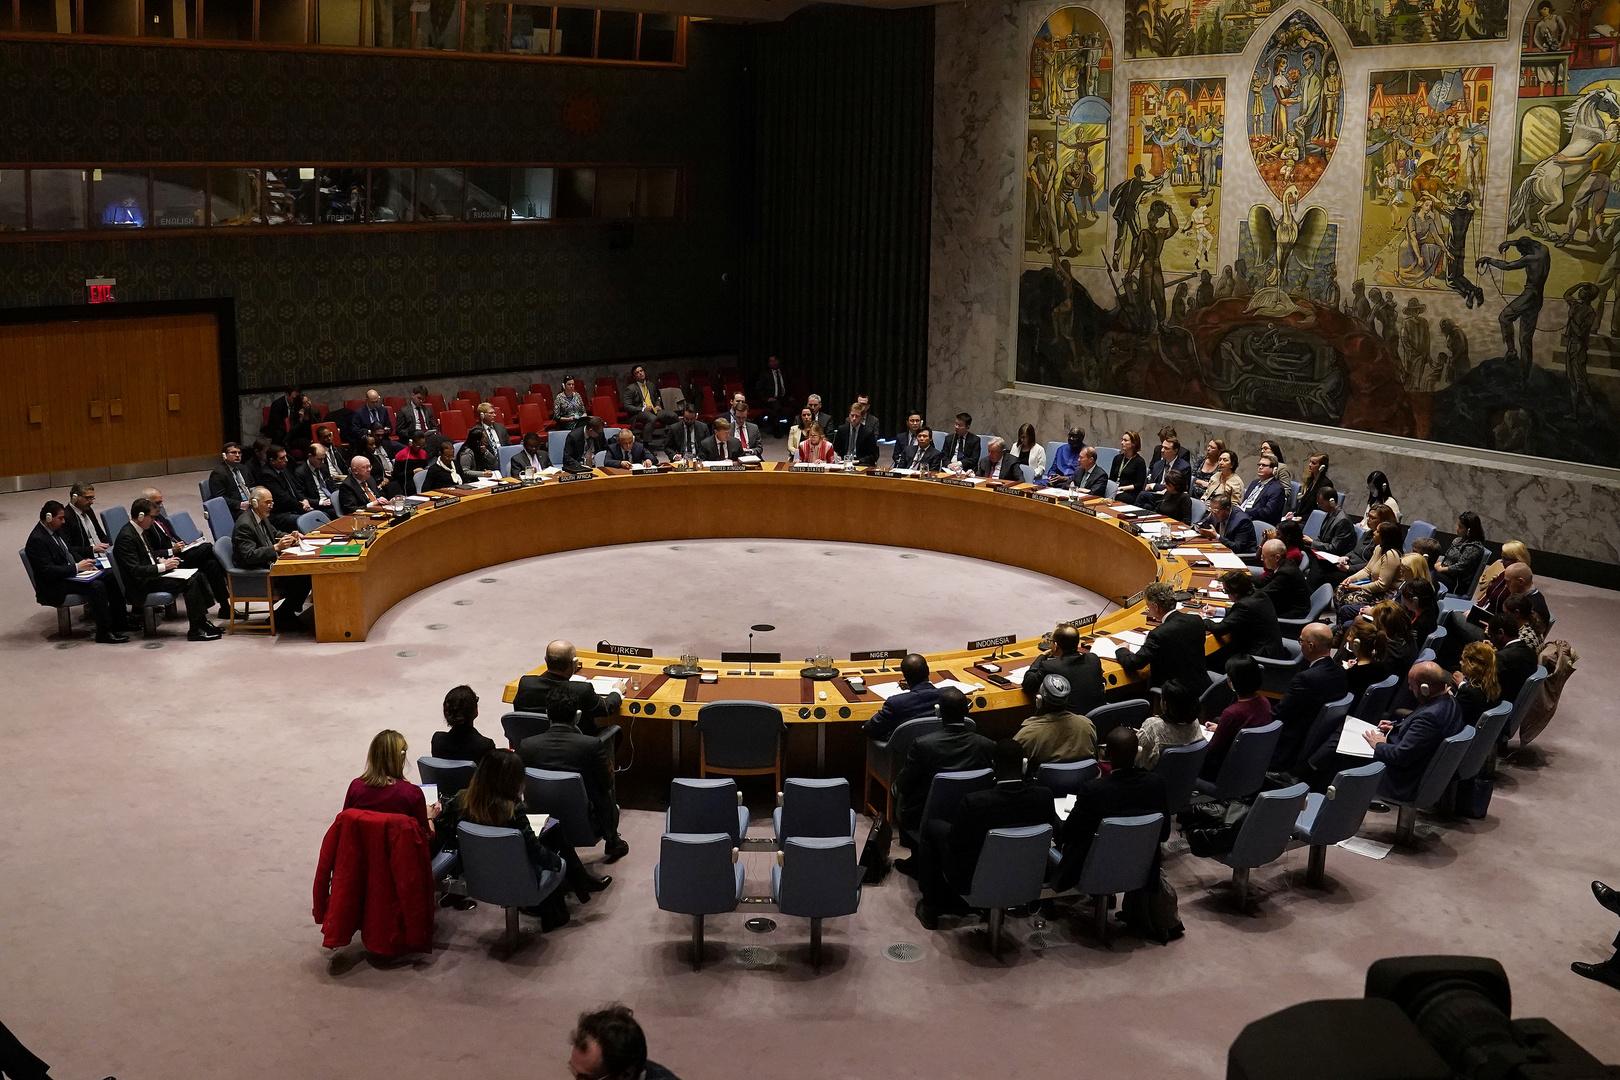 اليمن.. مجلس الأمن ينعقد لبحث قضية